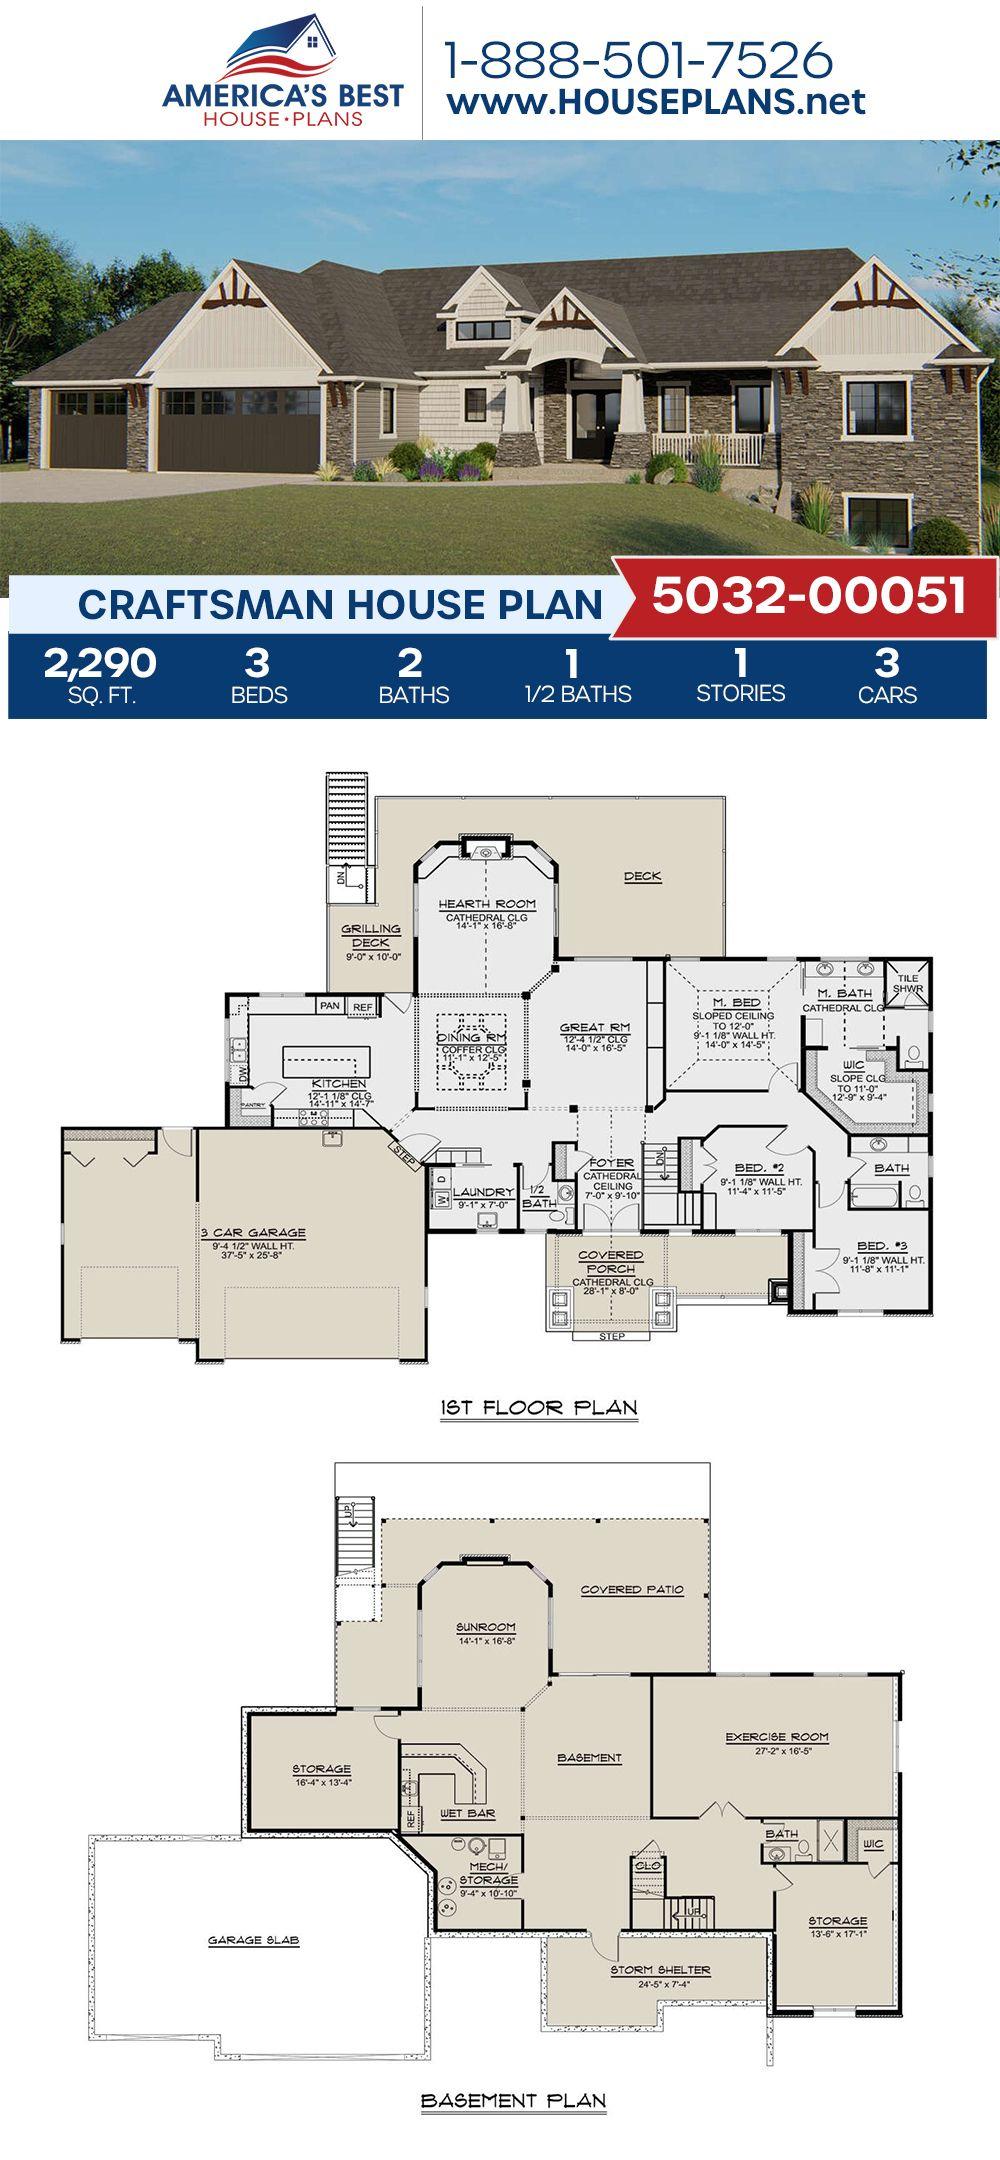 House Plan 5032 00051 Craftsman Plan 2 290 Square Feet 3 Bedrooms 2 5 Bathrooms Craftsman House Plans Craftsman House Plan Craftsman House